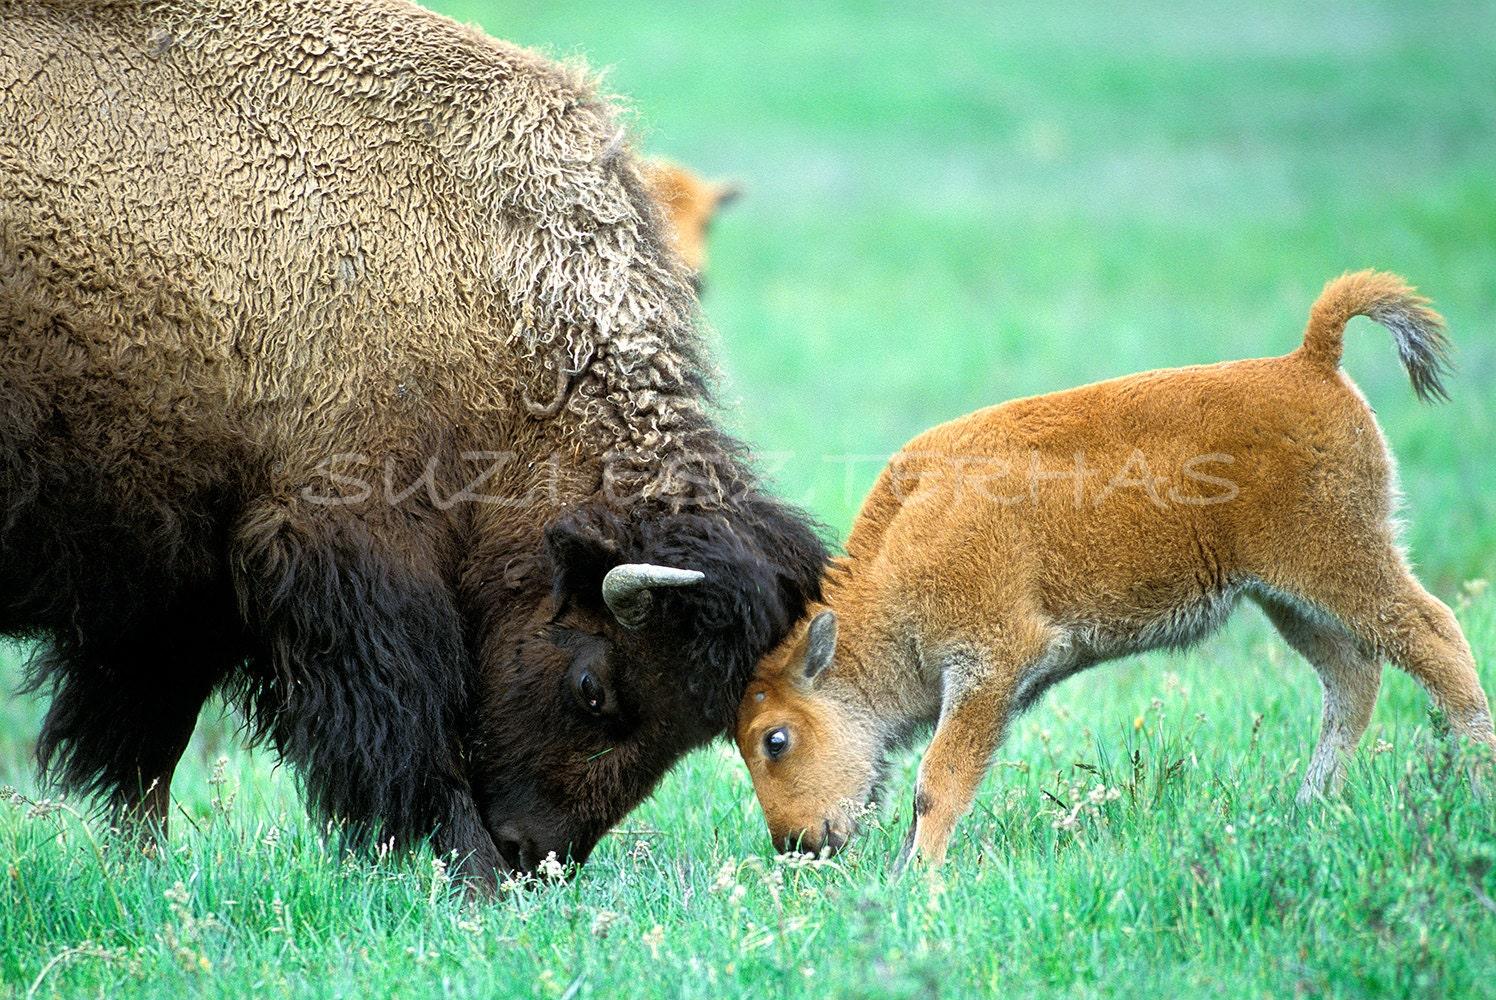 Maman et b b bison jouent photo imprimer photo animaux maman - Photo de bison a imprimer ...